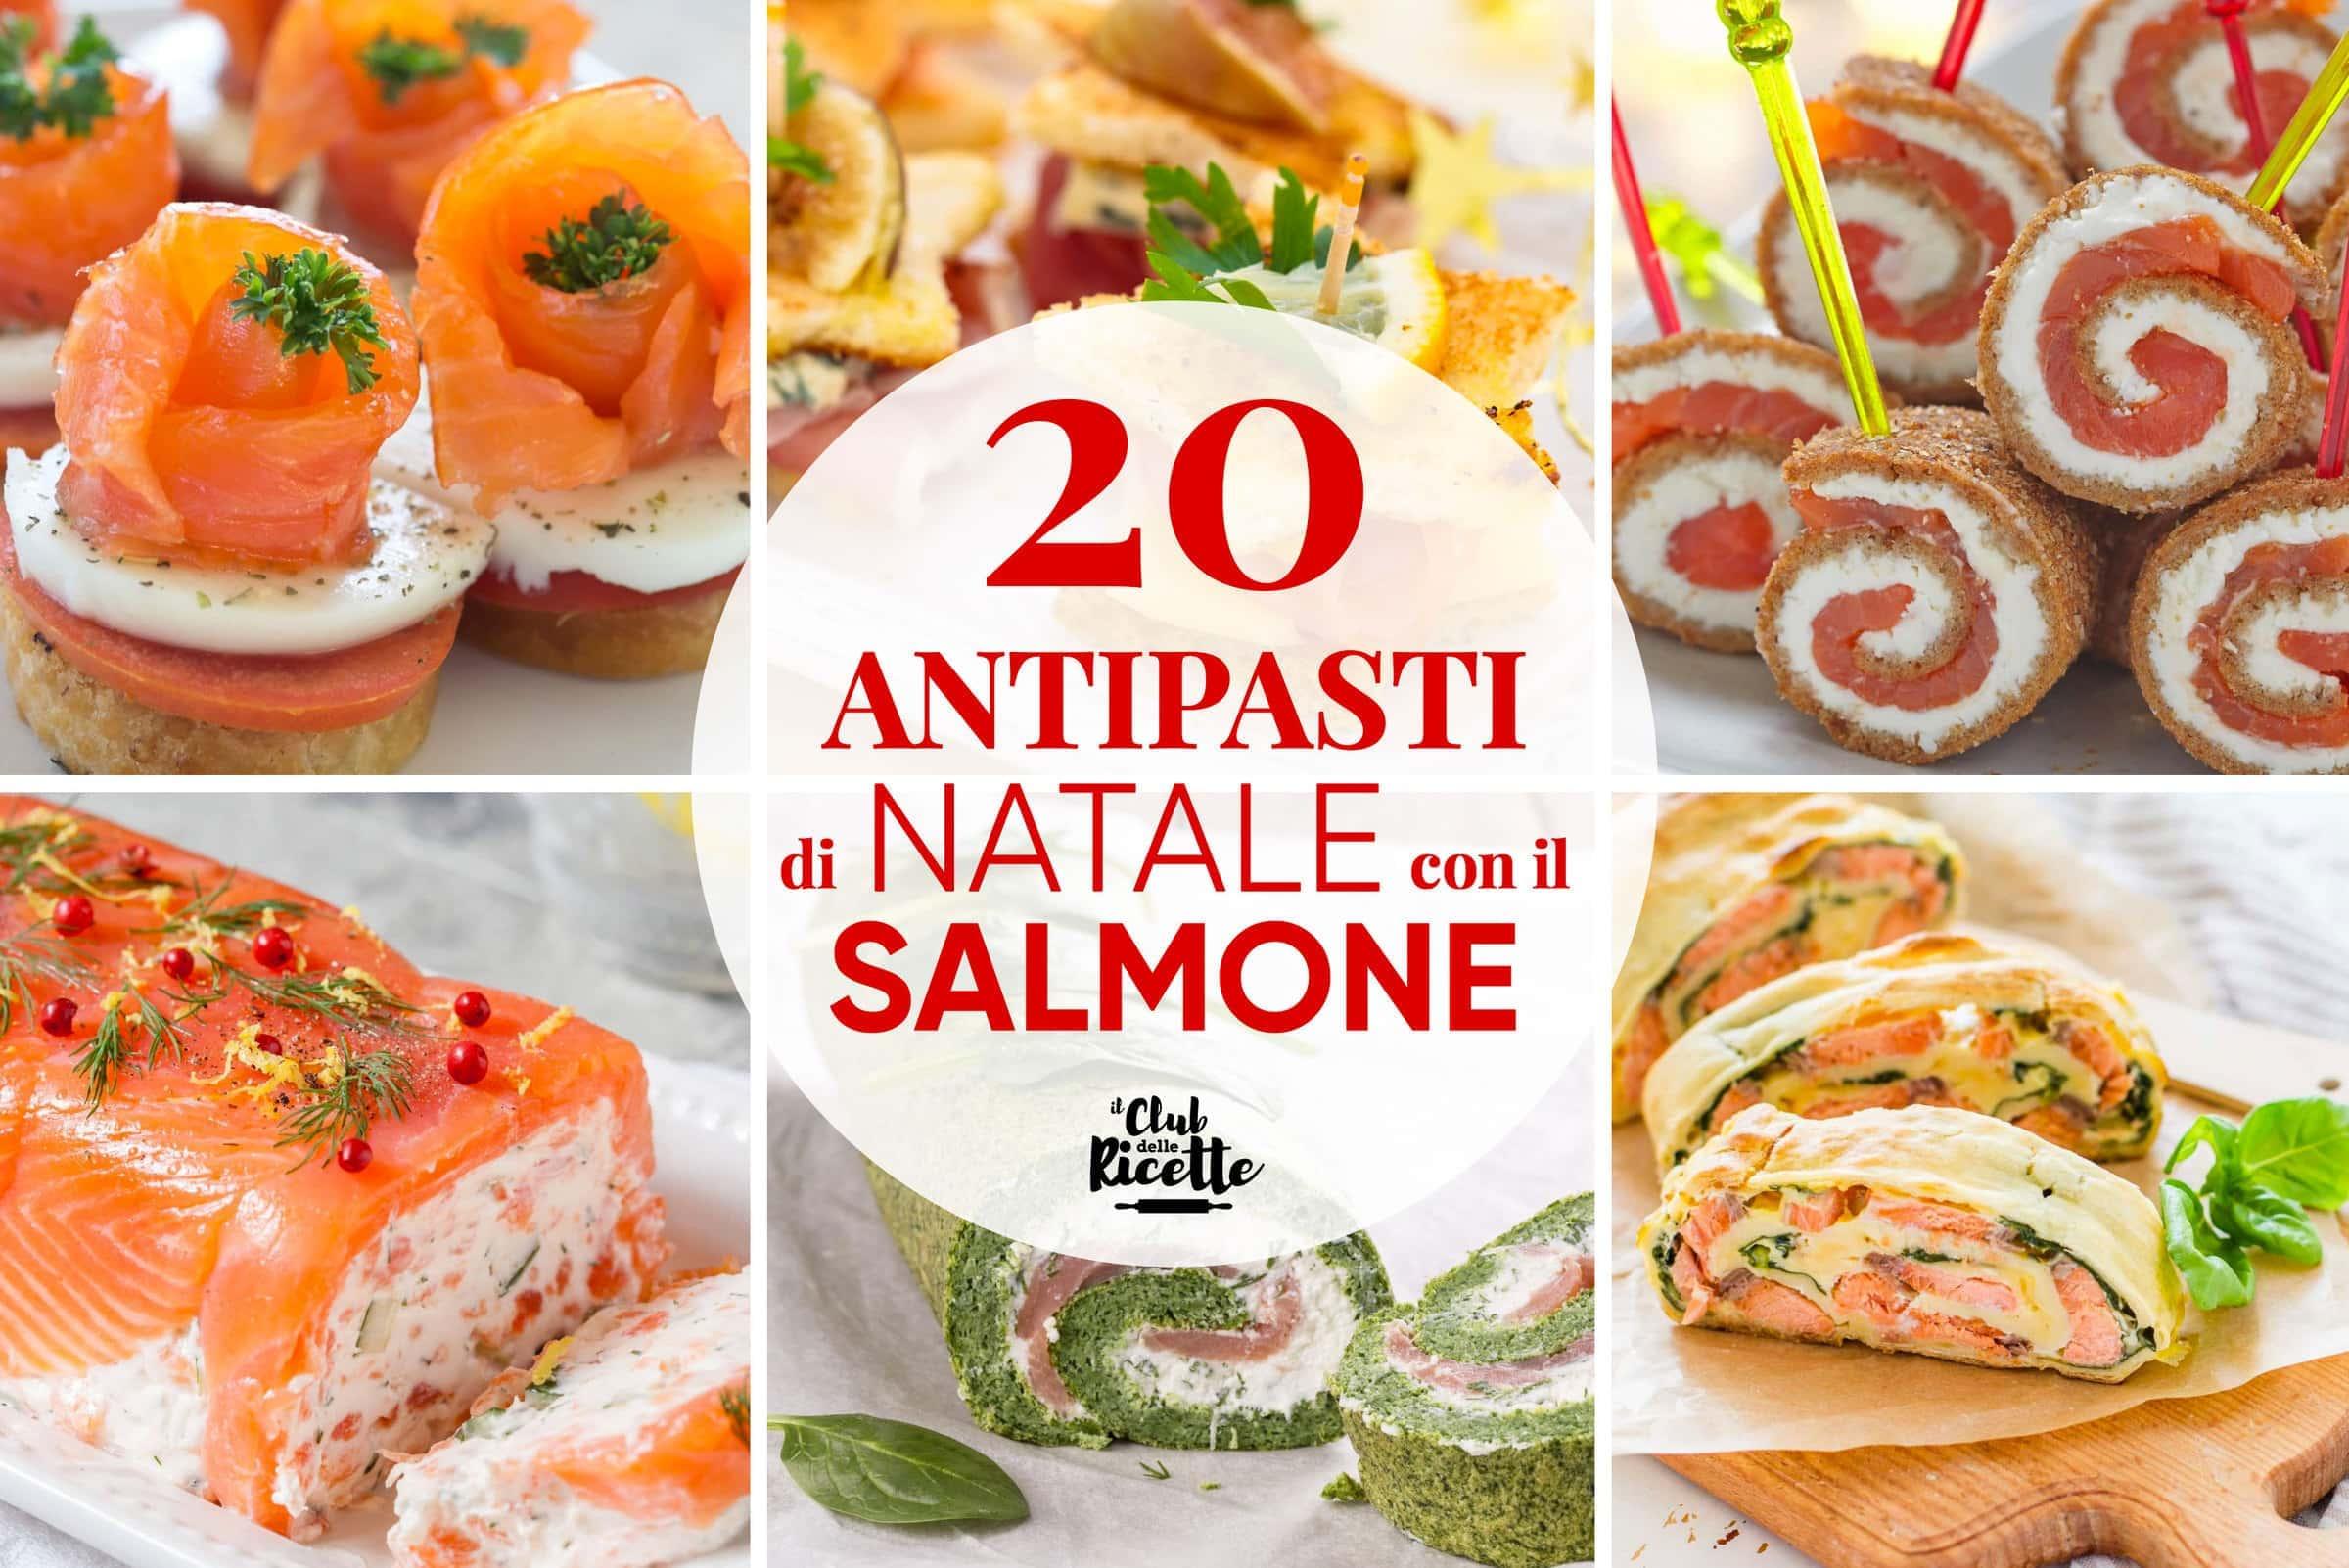 Antipasti Di Pesce A Natale.Le 20 Migliori Ricette Per Antipasti Di Natale Con Il Salmone Il Club Delle Ricette